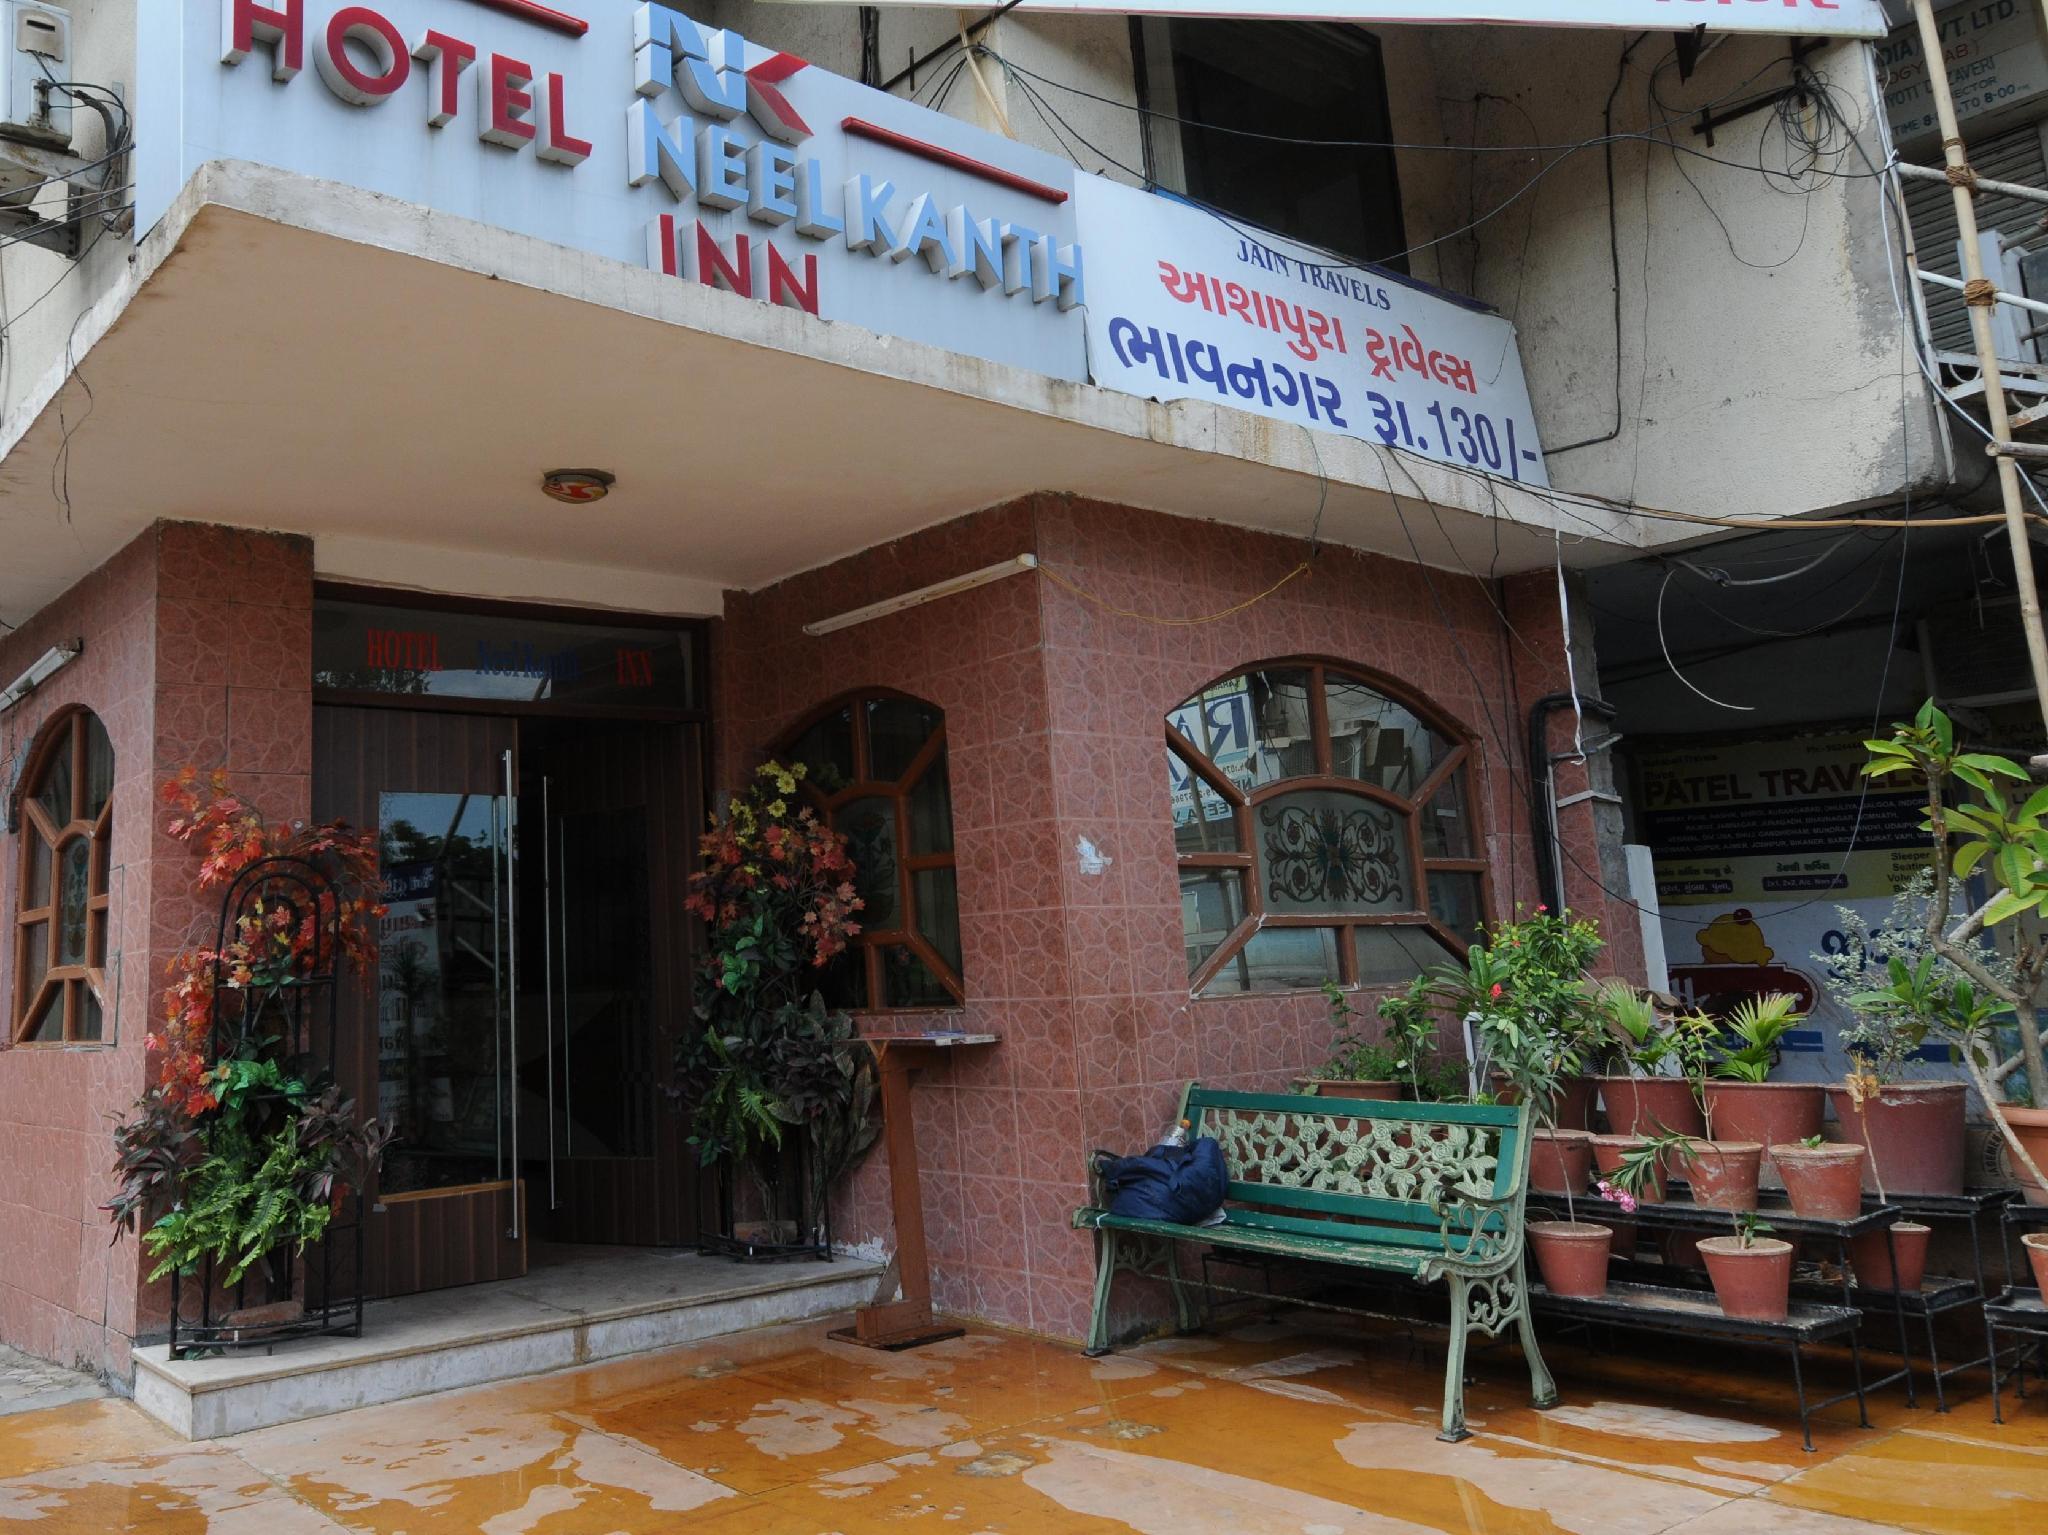 Hotel Neelkanth-Inn - Ahmedabad